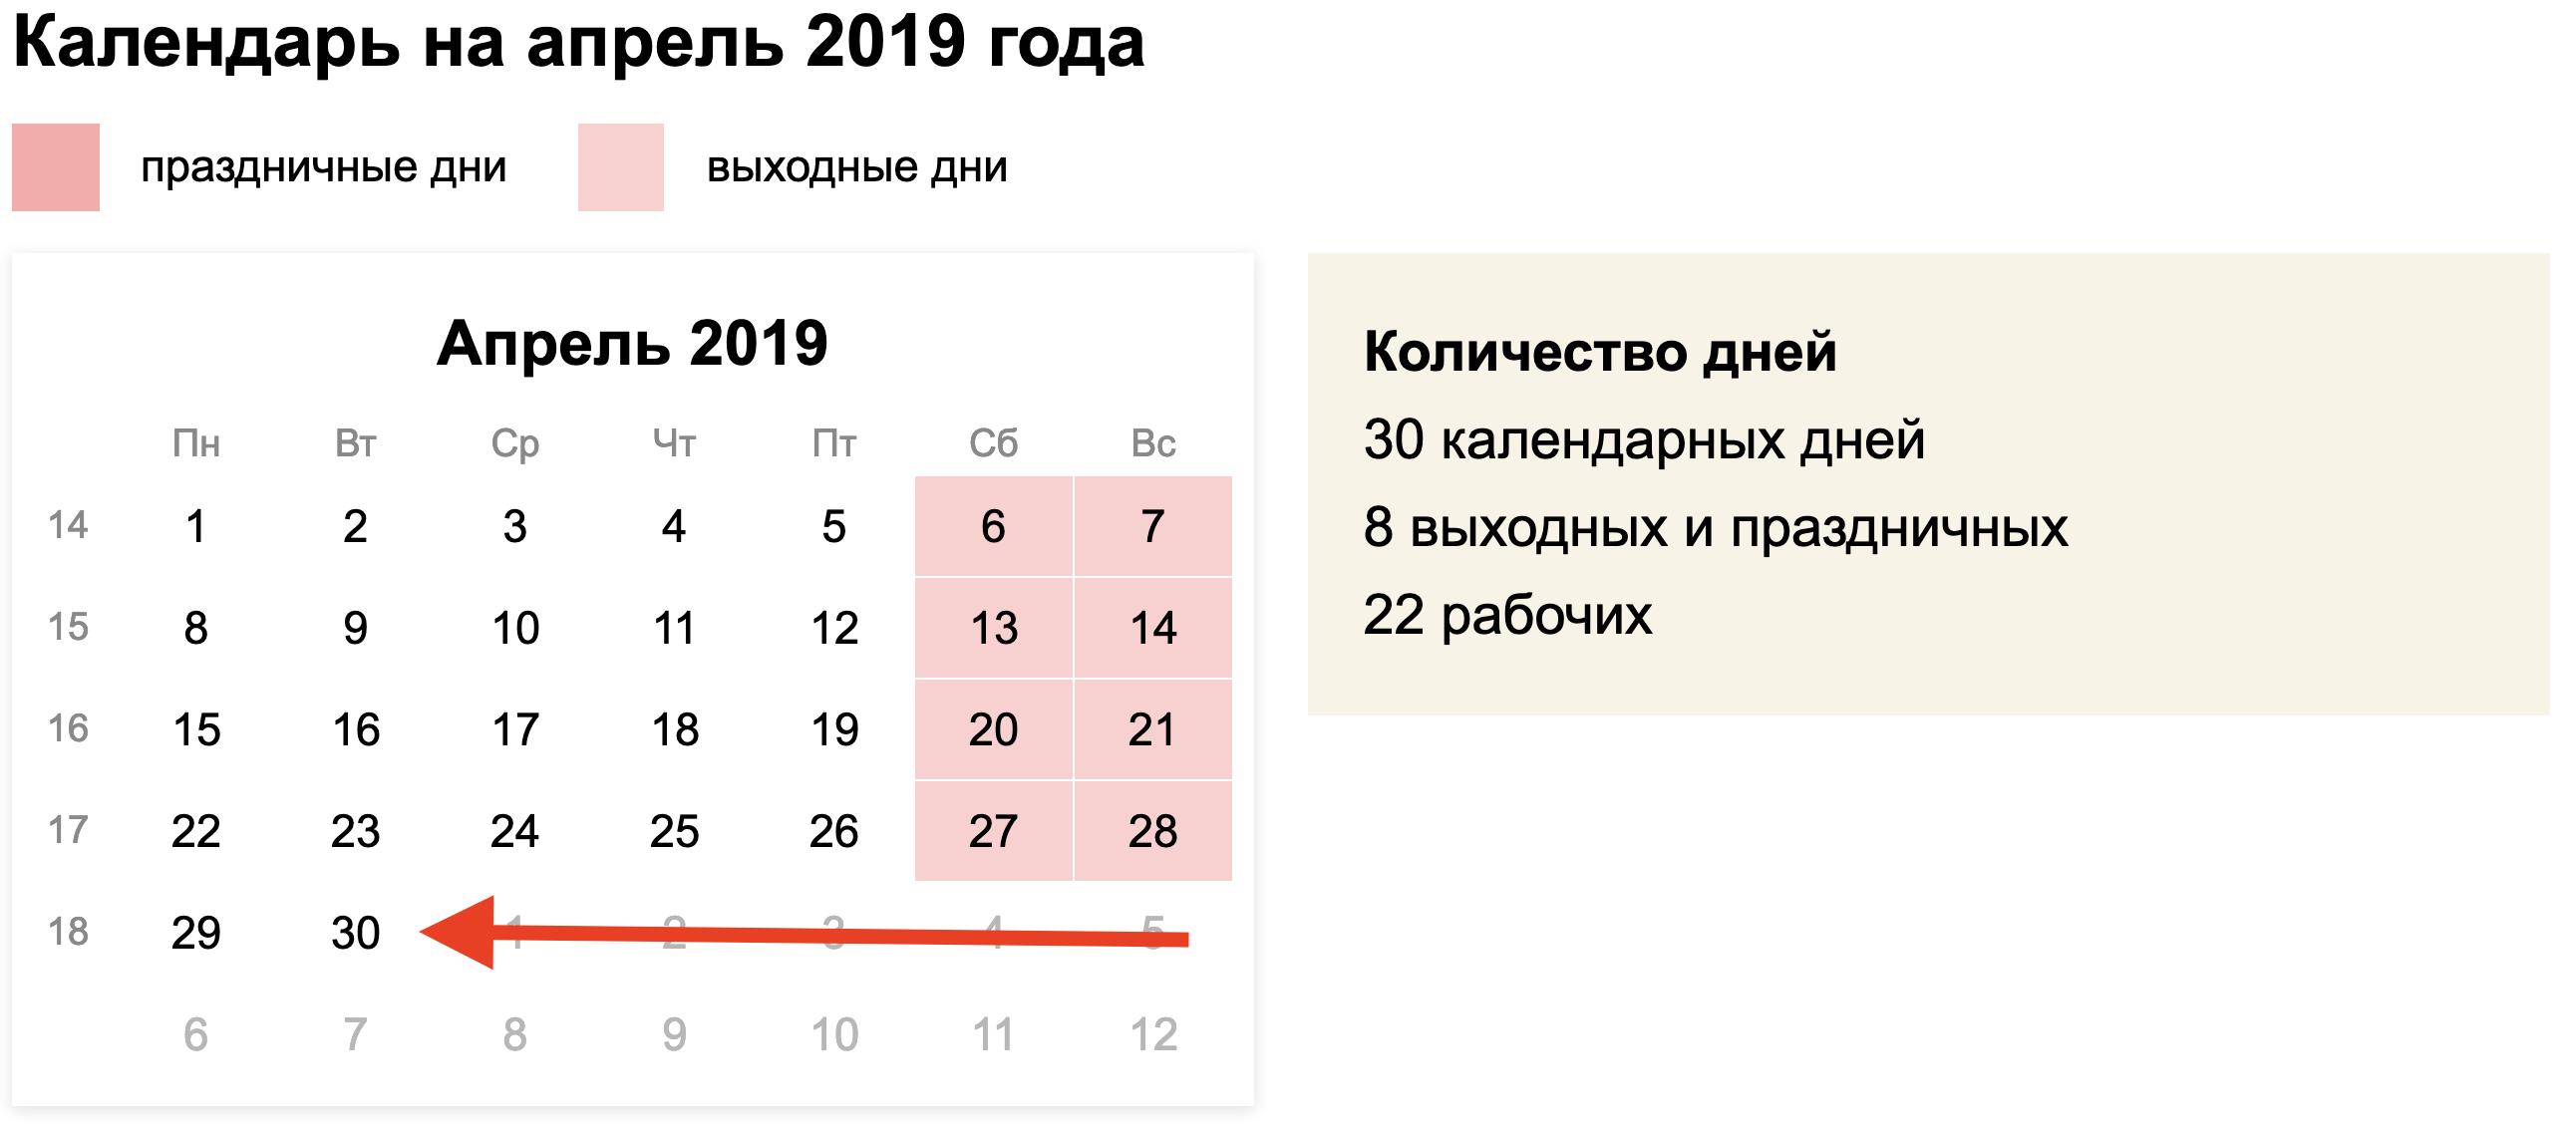 Нужно ли включать в 6-НДФЛ зарплату за декабрь выплаченную в январе 2019 года